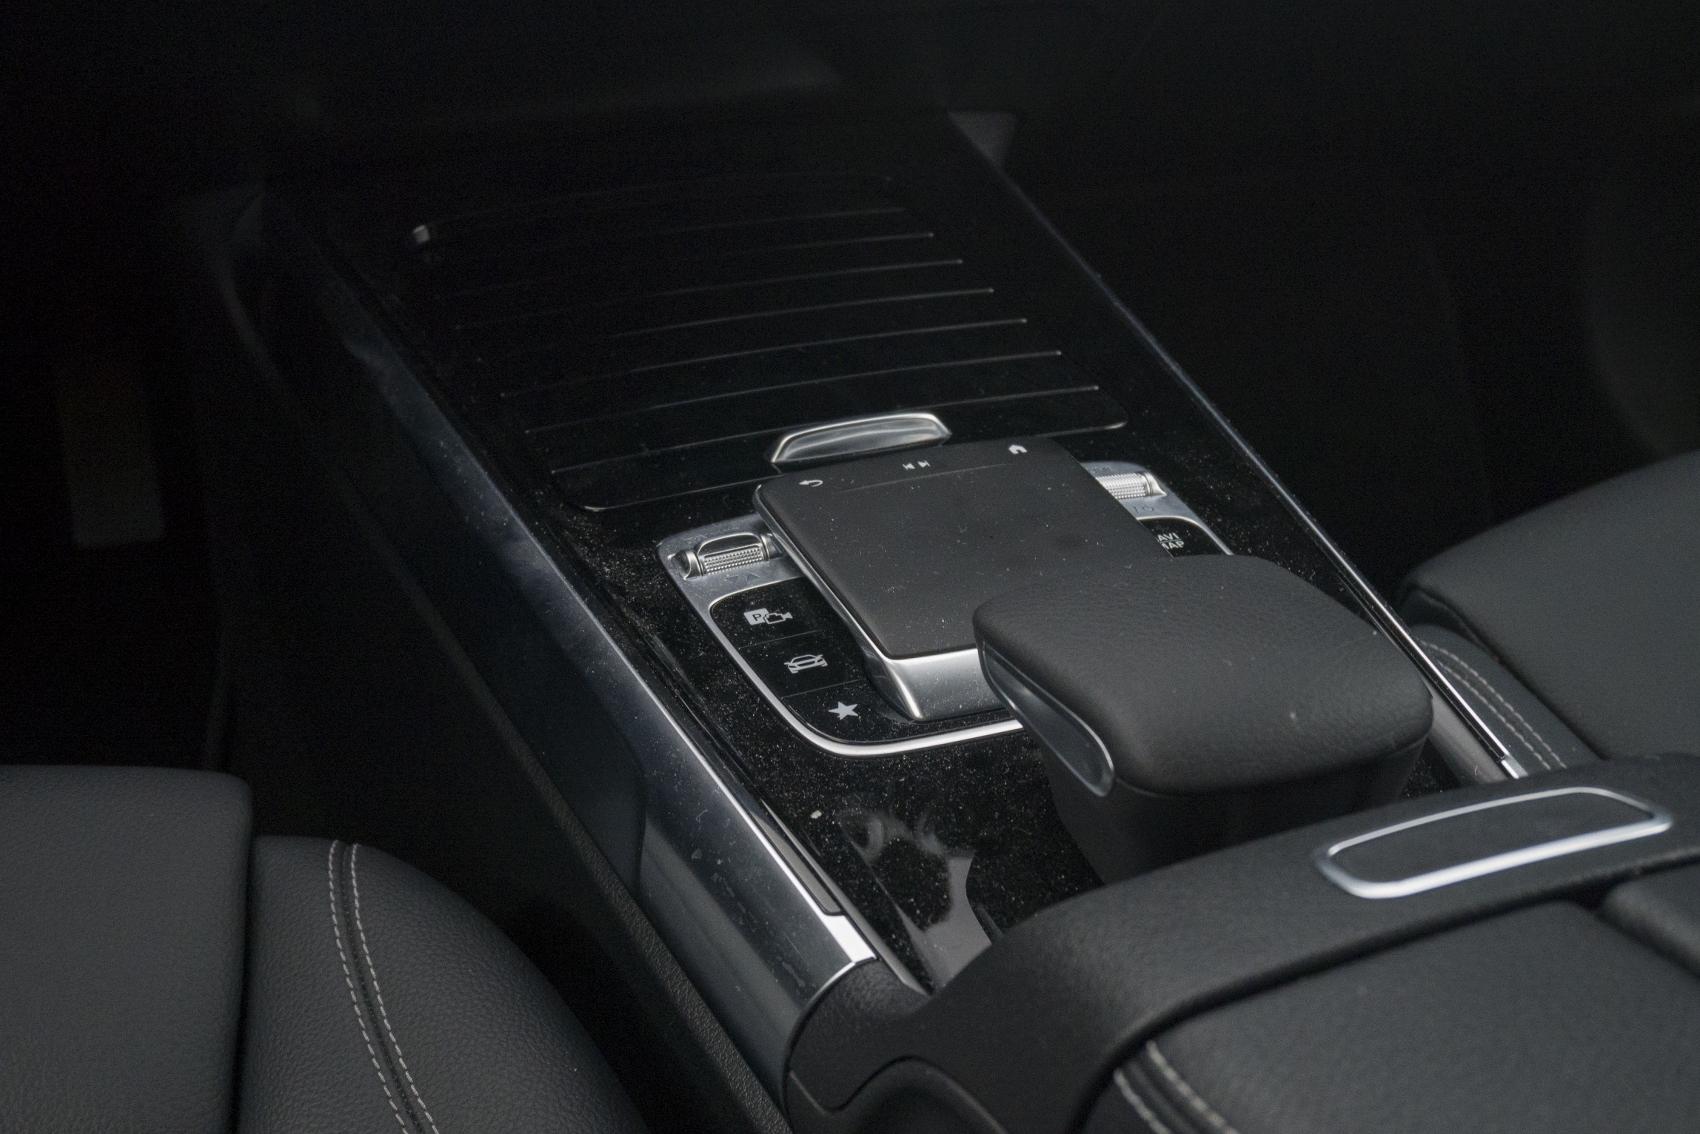 Test: Mercedes GLB 200 ponúka veľký priestor v malom balení b6NSGPVlEh mercedes-glb-28-1700x1134